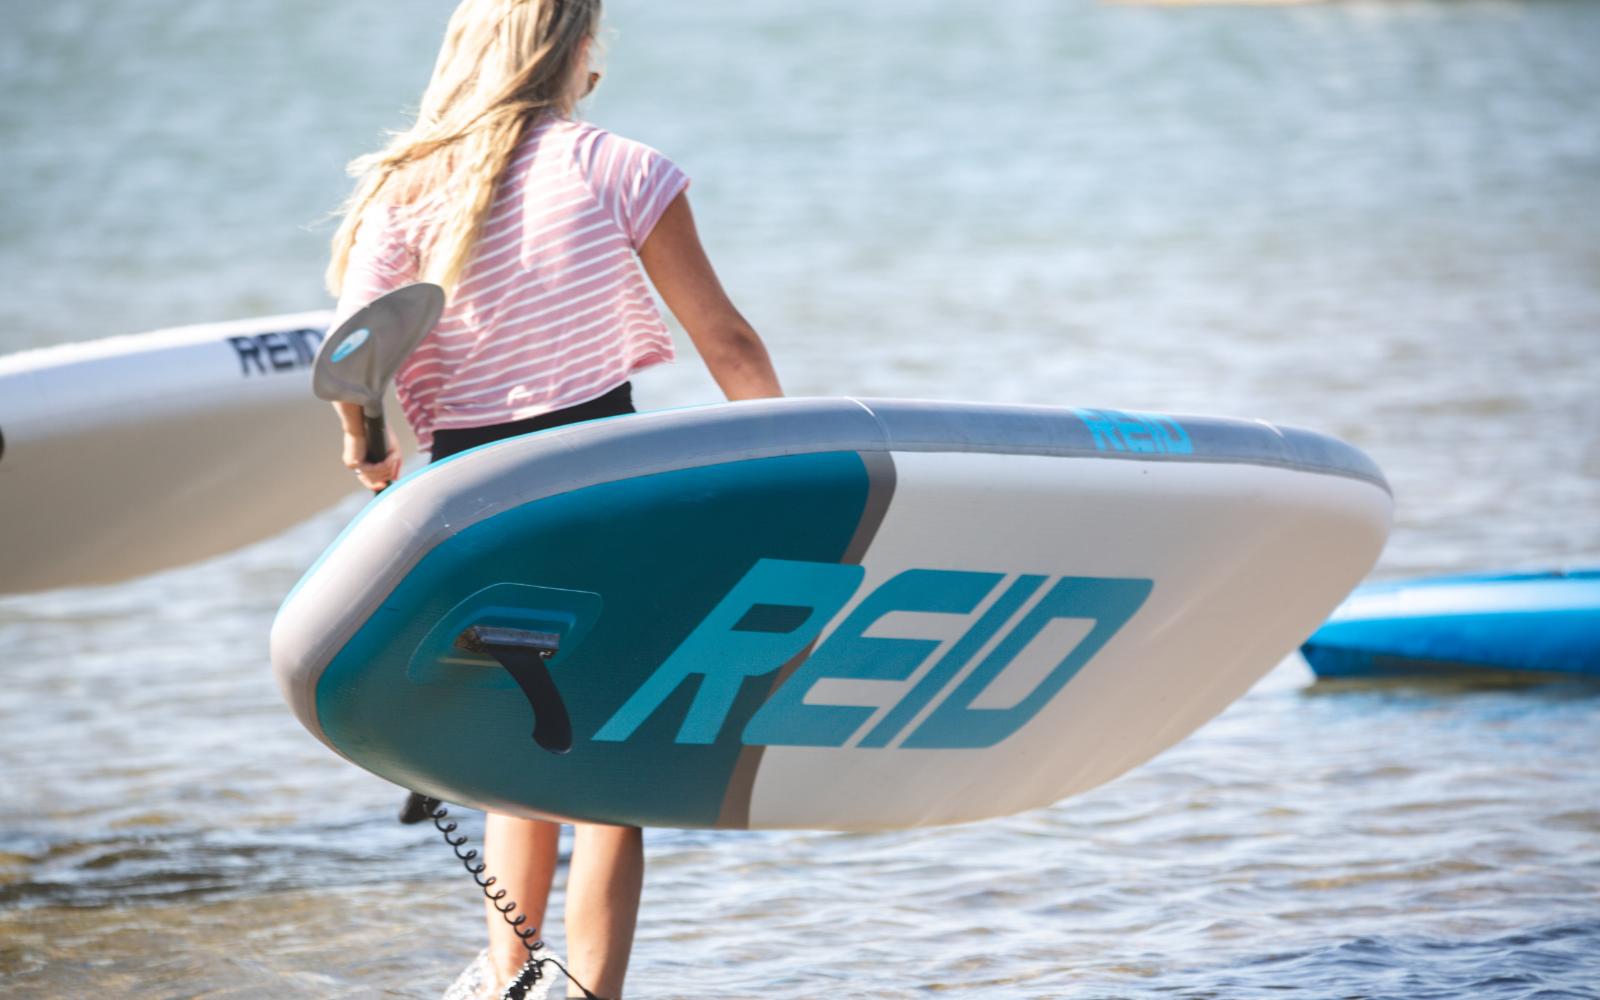 2 37 - Reid ® - Reid Bondi 10'6 Paddleboard